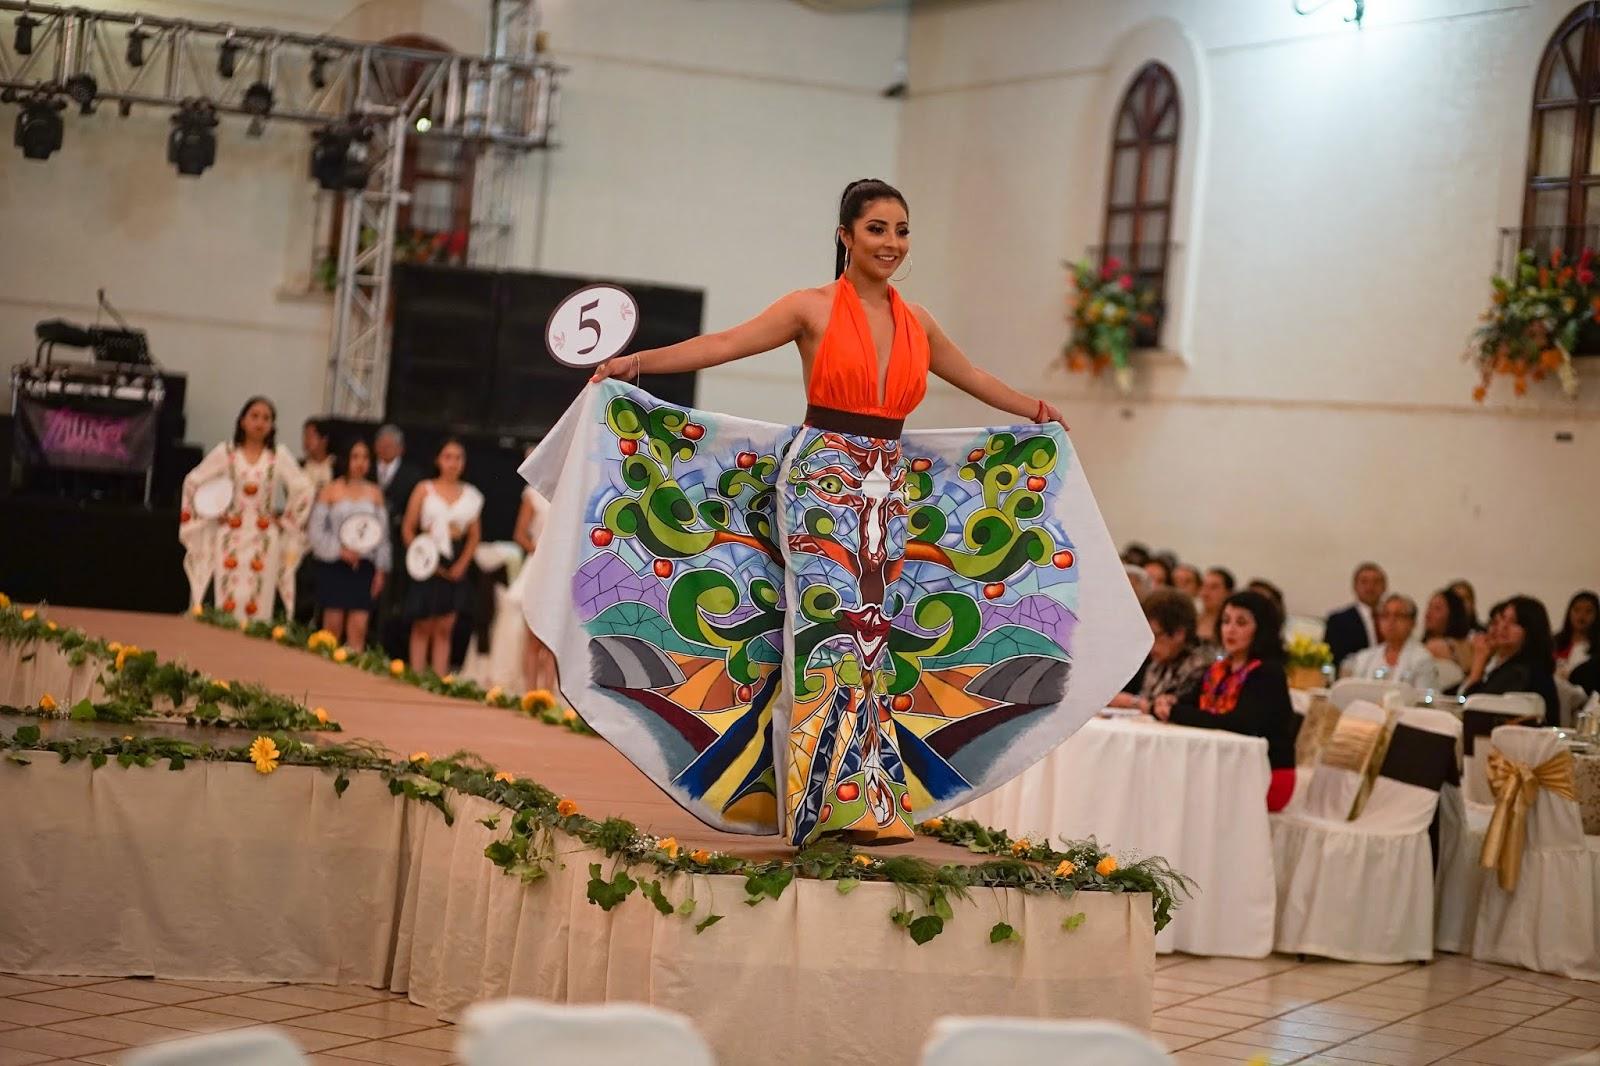 El Baile del Percal forma parte de los festejos de la Gran Feria de la Manzana